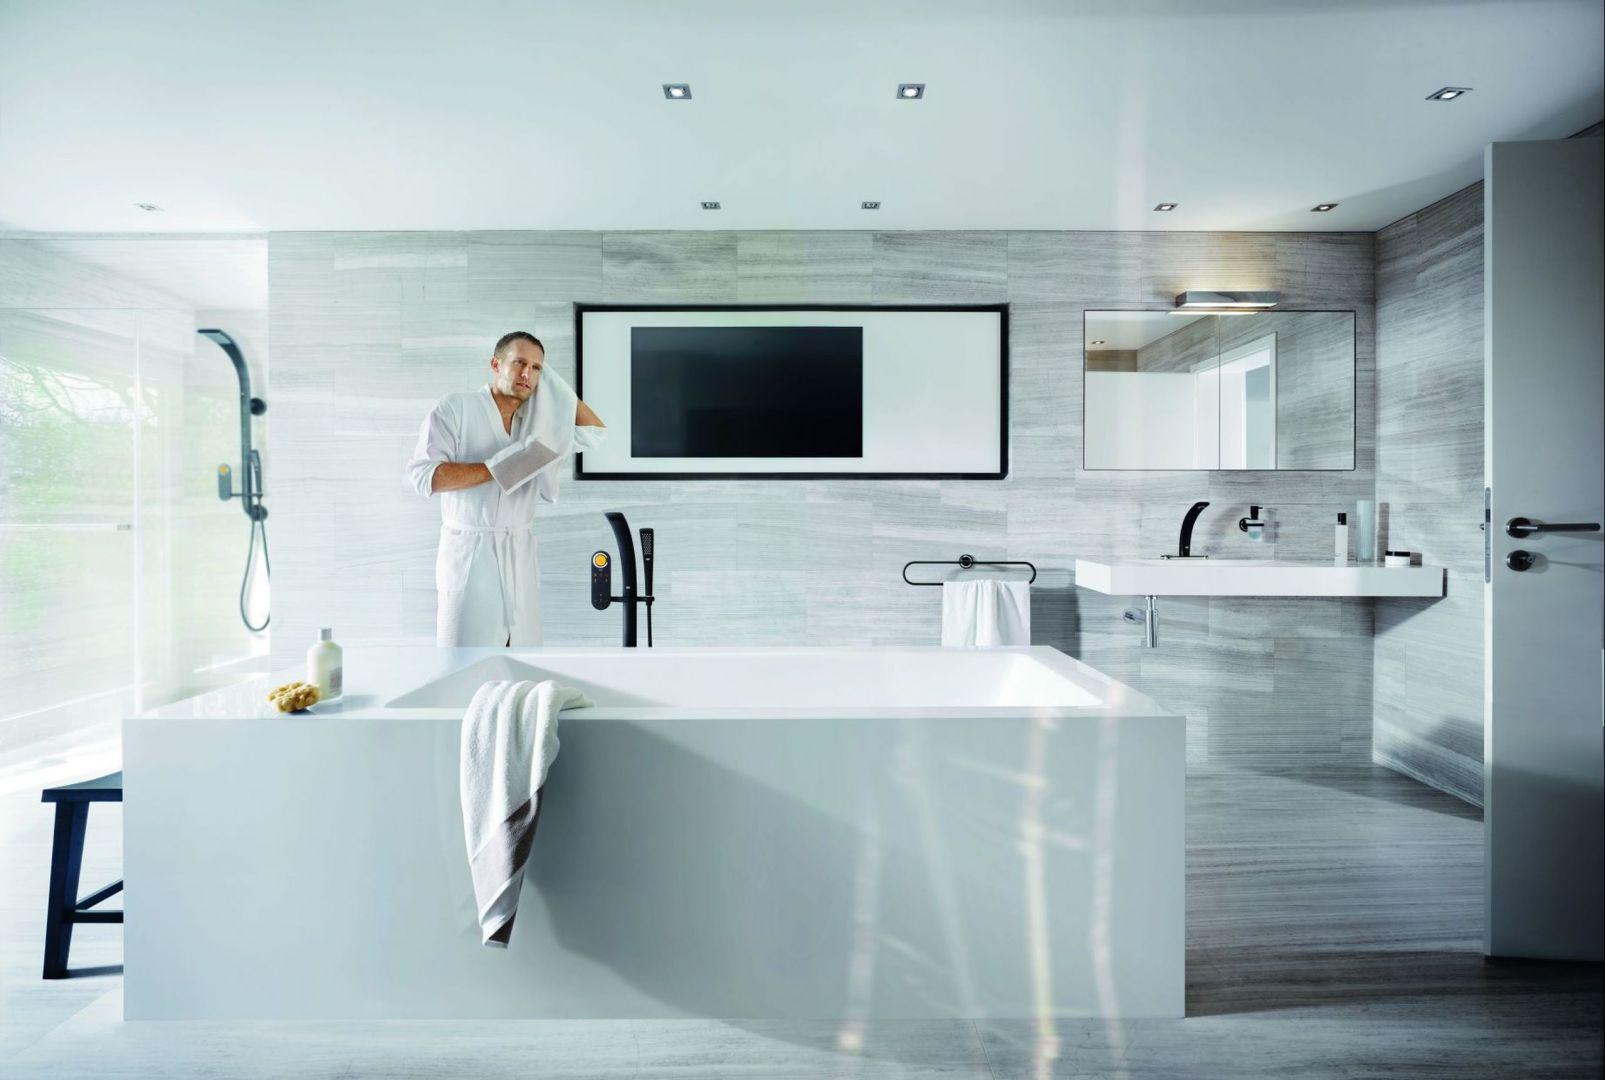 W łazience w stylu SPA wzrok przyciąga bateria z serii Grohe Ondus  oraz przydatna półka w rancie wanny na kosmetyki i akcesoria kąpielowe. Fot. Grohe